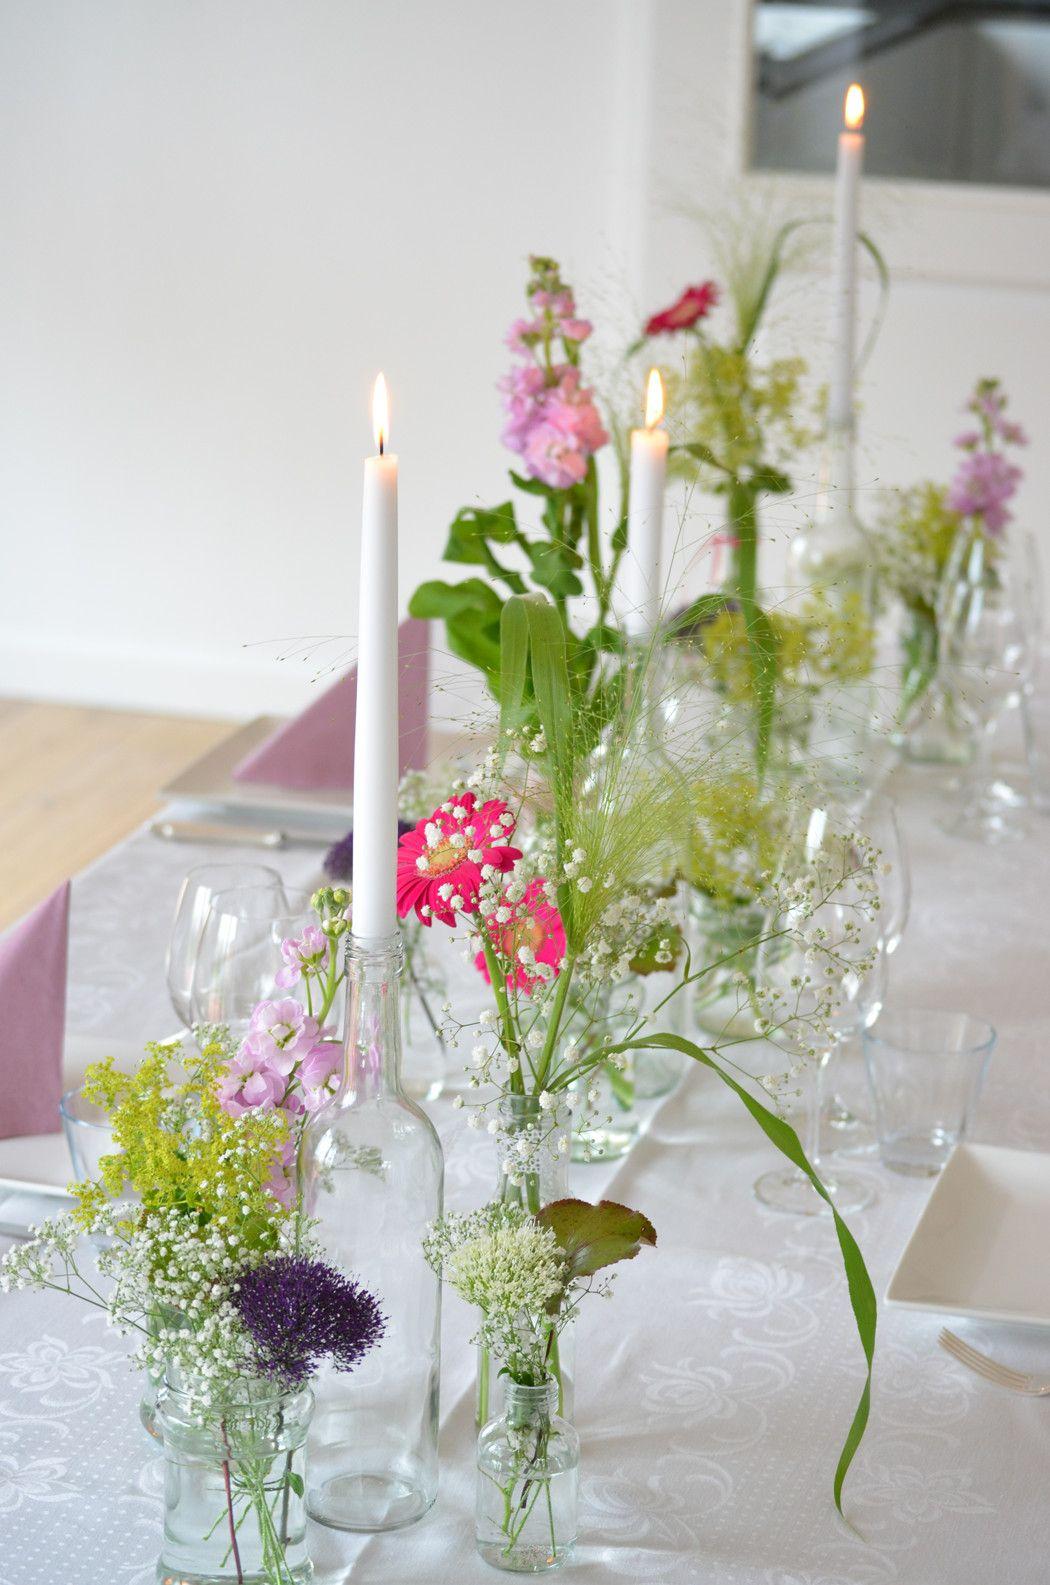 wachsblumen herstellen bzw blumen mit kerzenwachs t. Black Bedroom Furniture Sets. Home Design Ideas